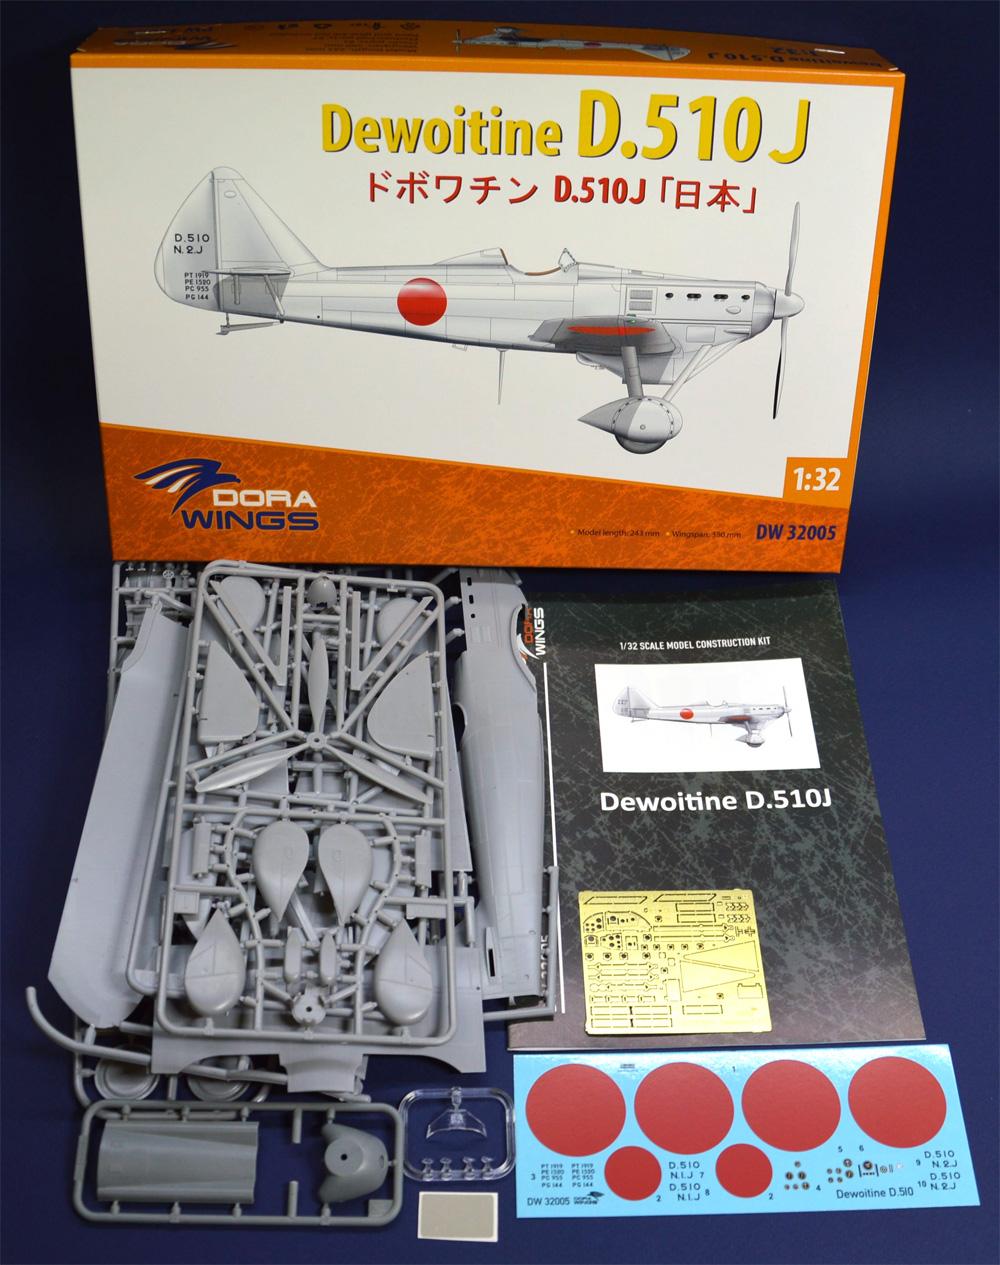 ドボワチン D.510J 日本プラモデル(ドラ ウイングス1/32 エアクラフト プラモデルNo.DW32005)商品画像_1